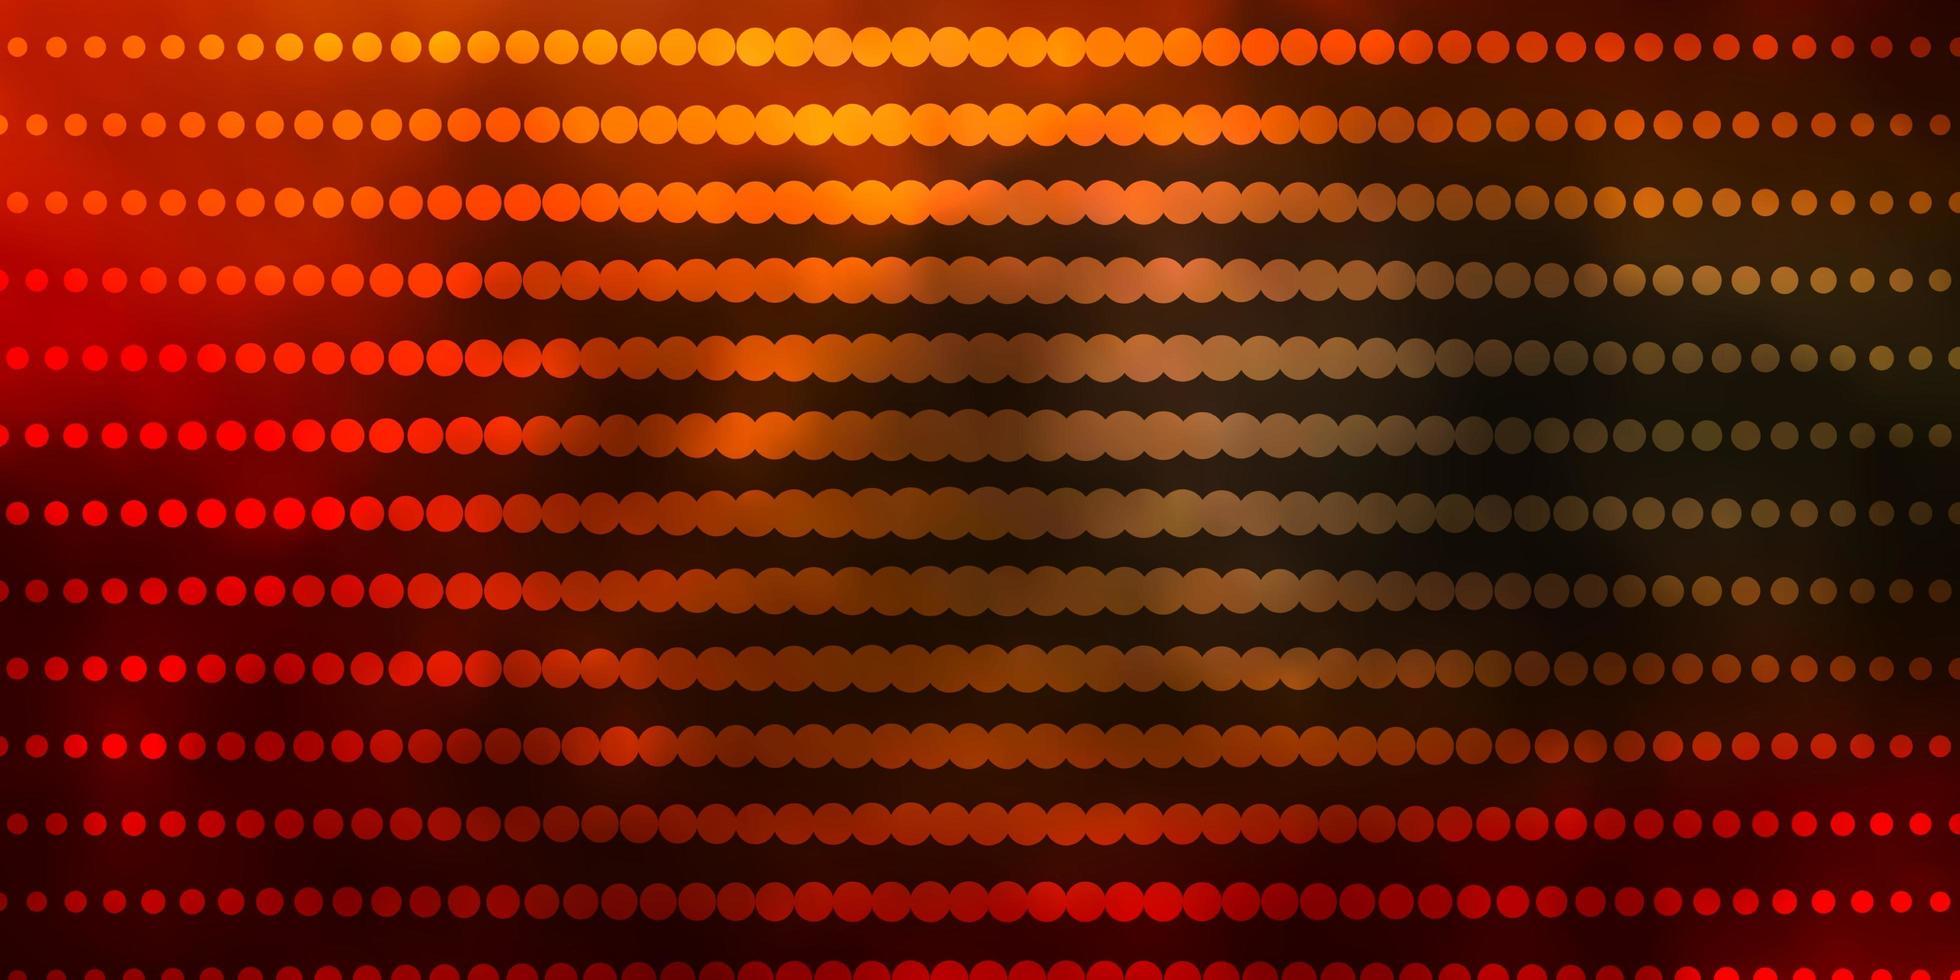 lichtgroene, rode vectorachtergrond met cirkels. vector